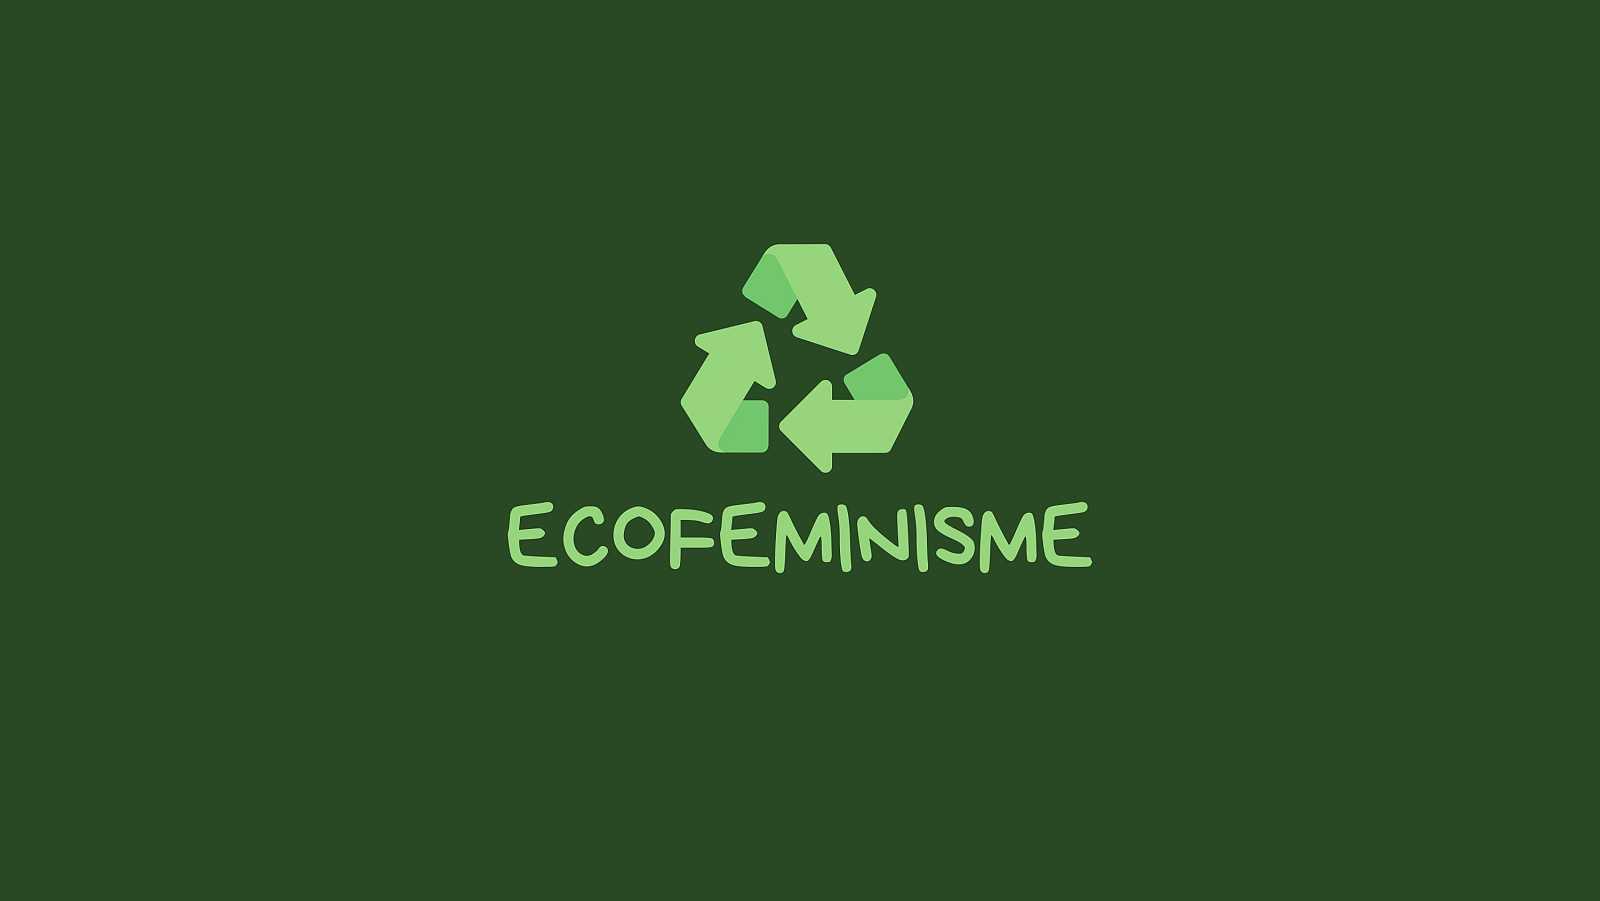 Onada Feminista - Ecofeminisme. Entrevista a Inés Villanueva, de Fridays For Future Barcelona